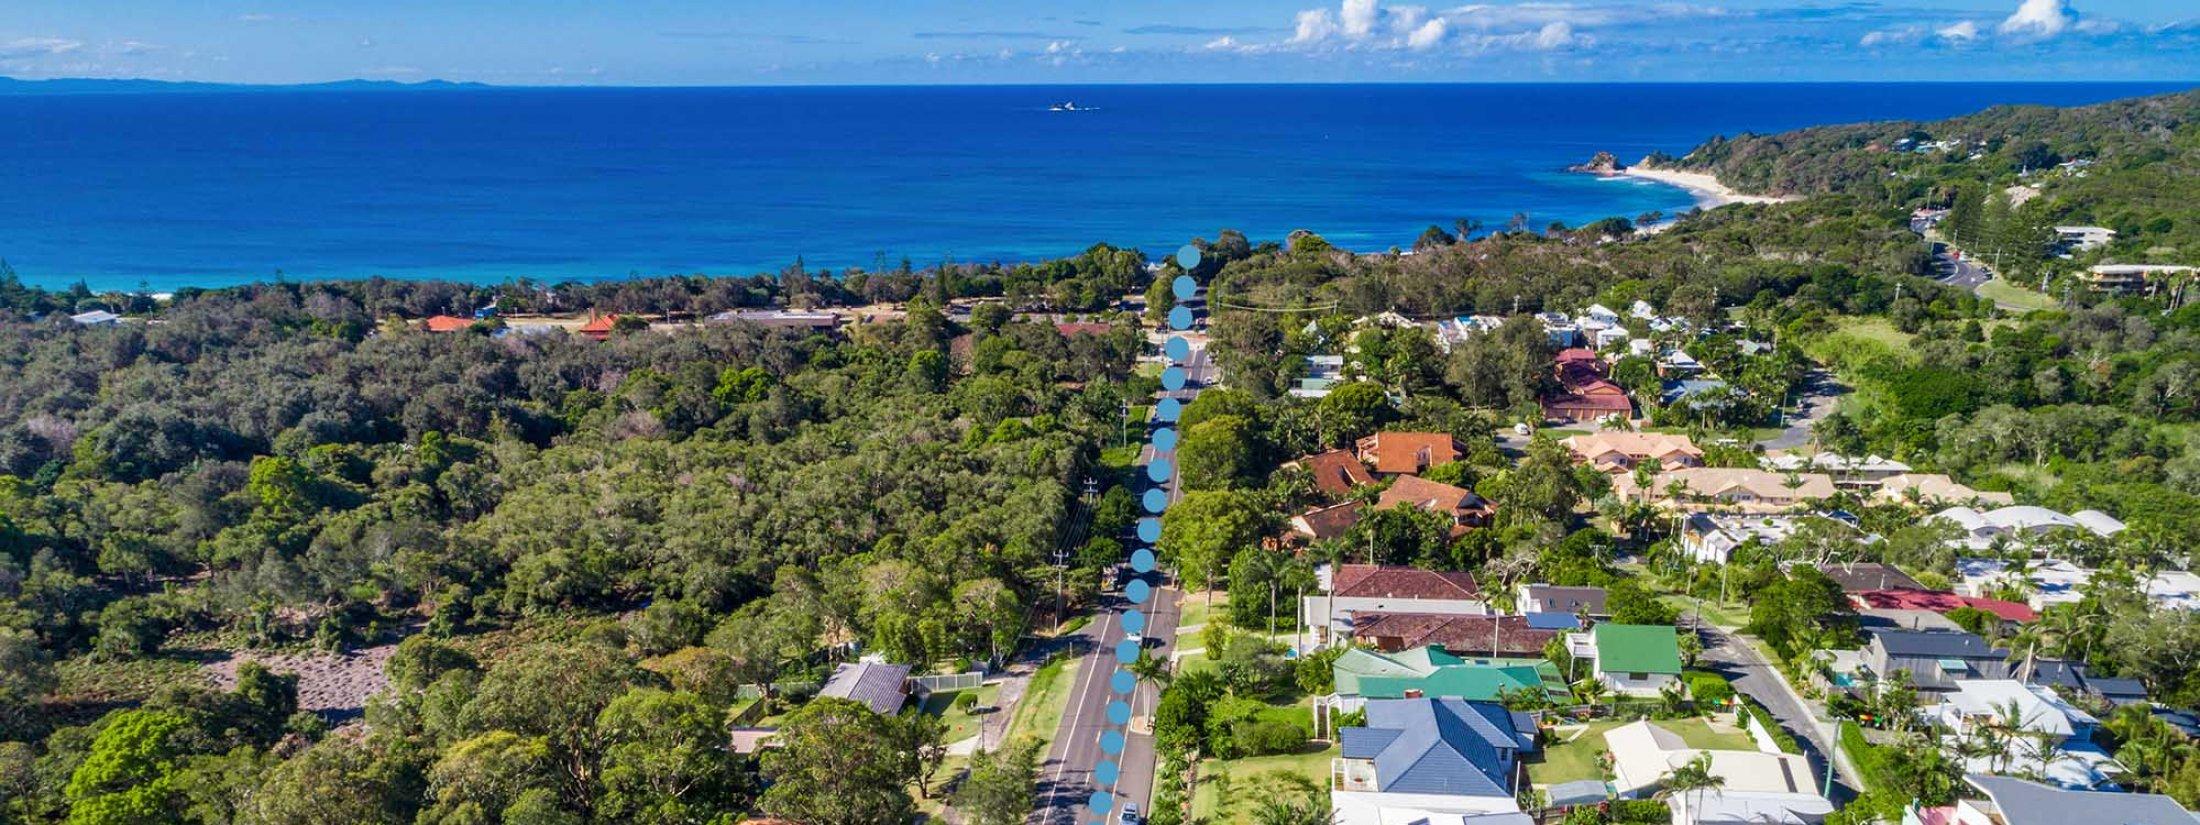 The Harrow - Byron Bay - Aerial Towards Clarkes Beach High Outline